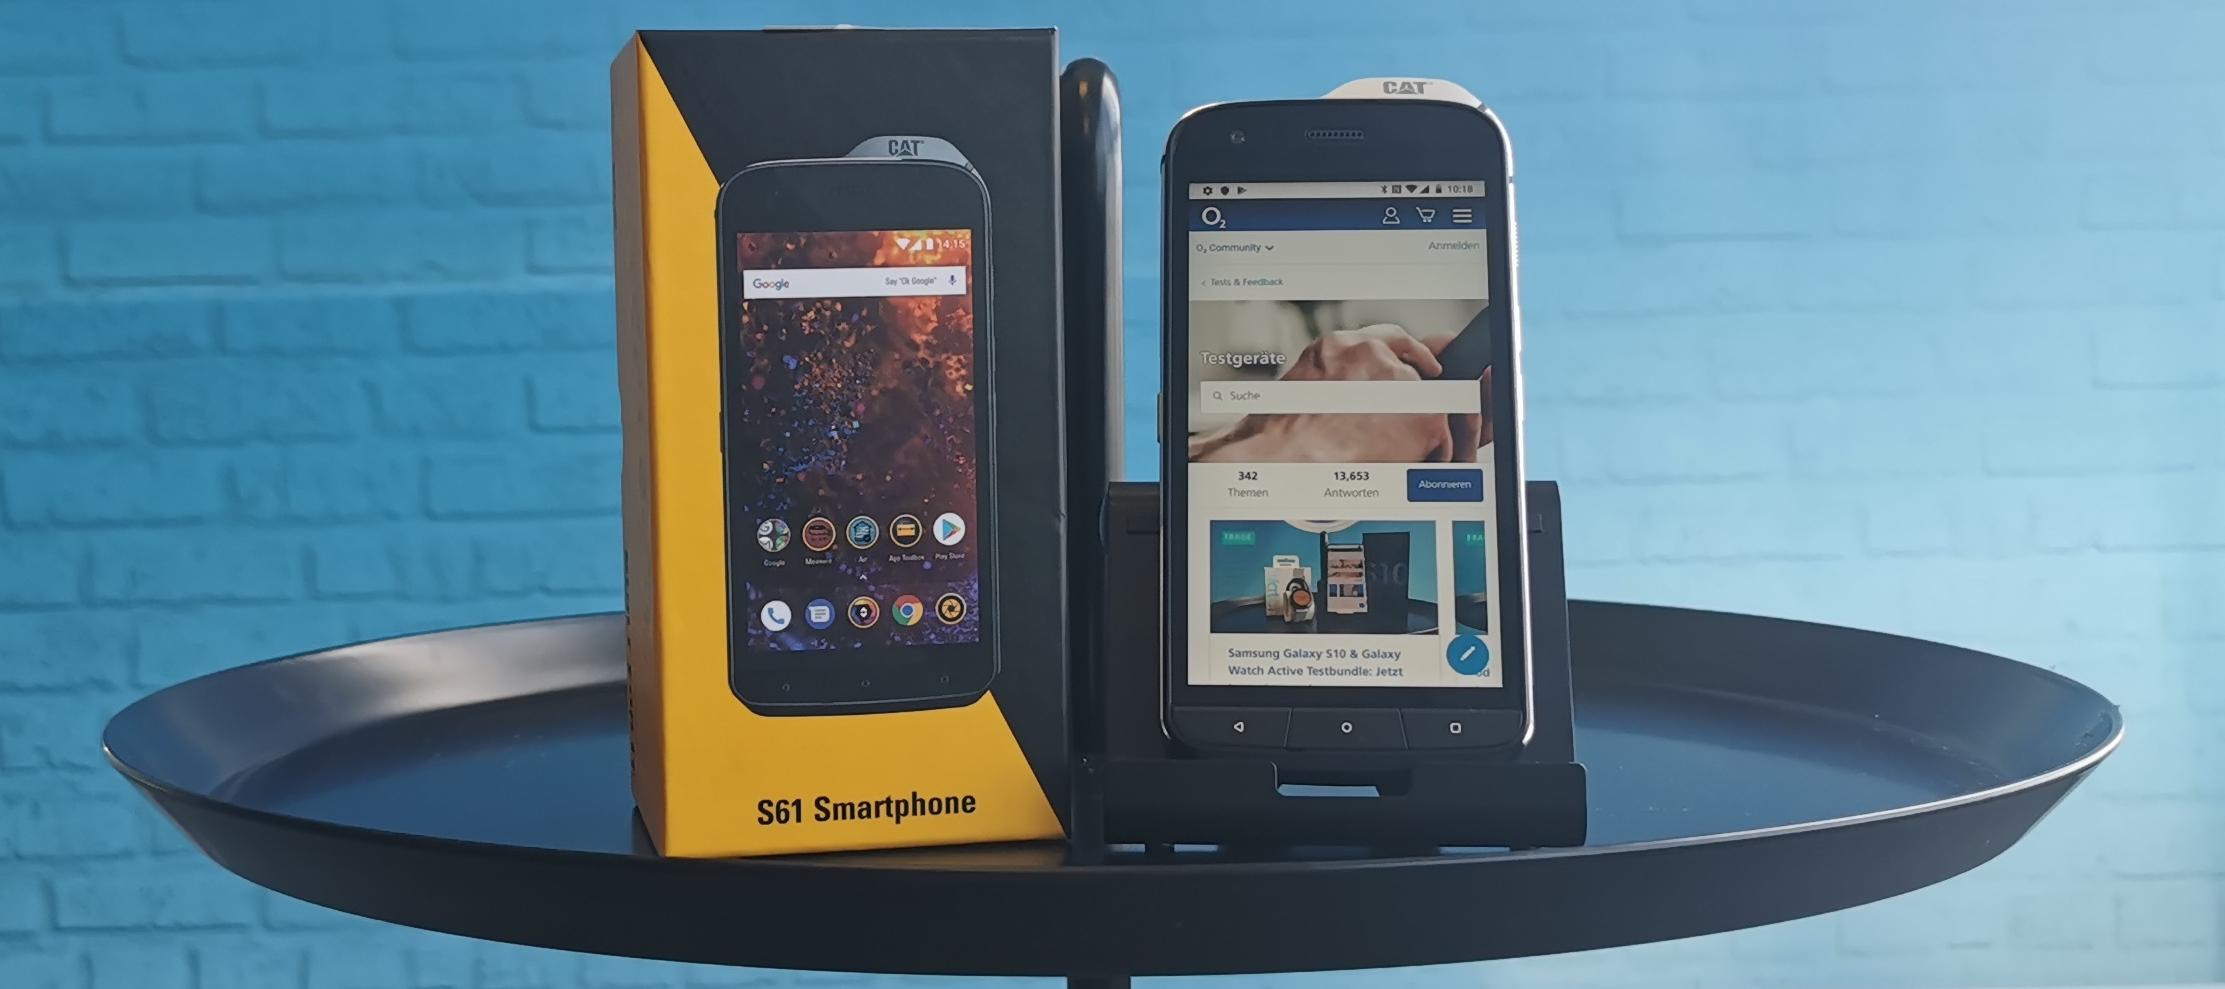 Cat S61 Testgerät: Du möchtest deine Arbeit leichter gestalten? Dann bewirb dich jetzt und werde Smartphone-Tester/in!